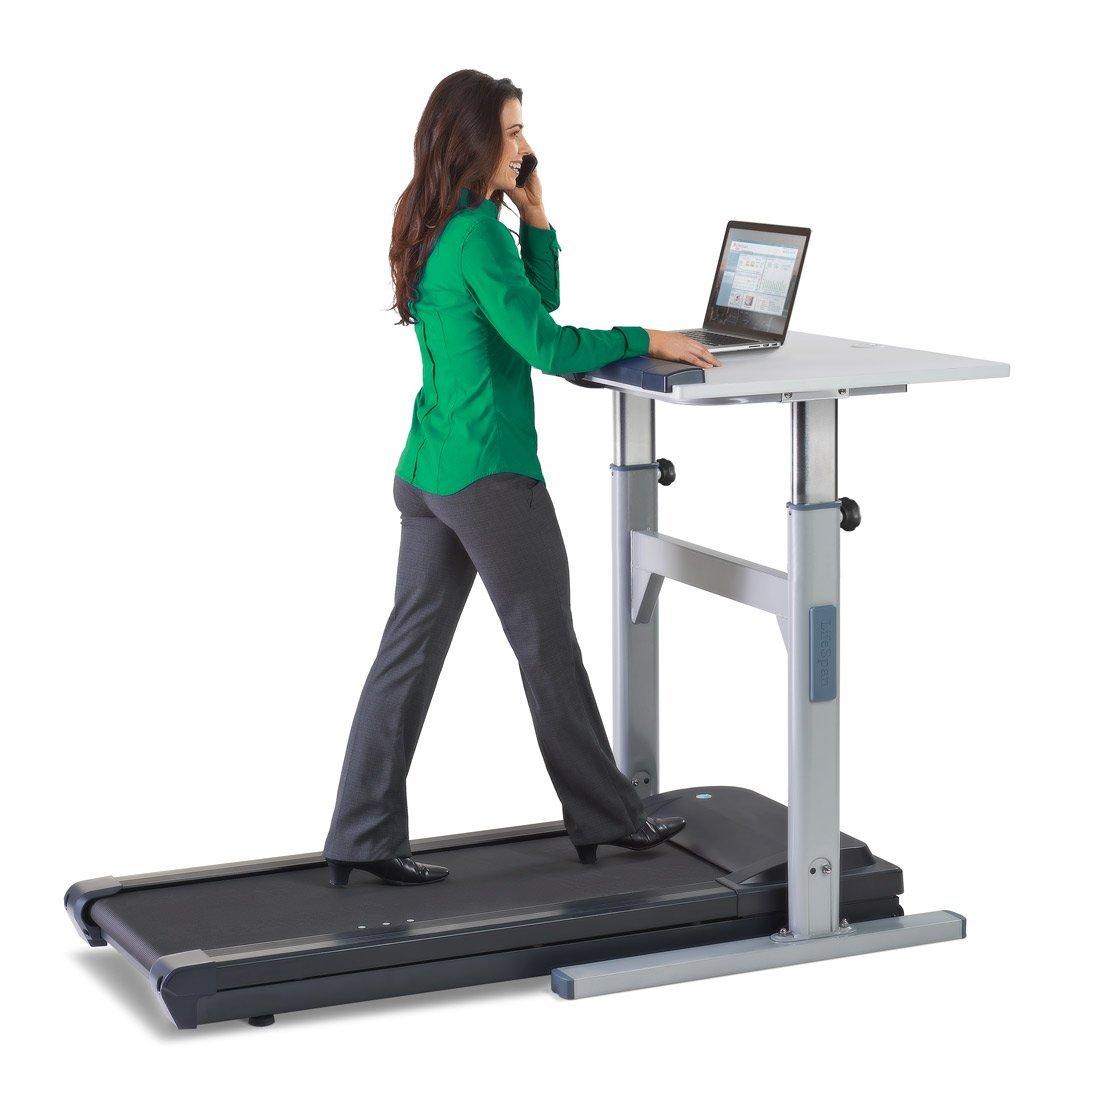 Treadmill Desk Articles NotSittingcom